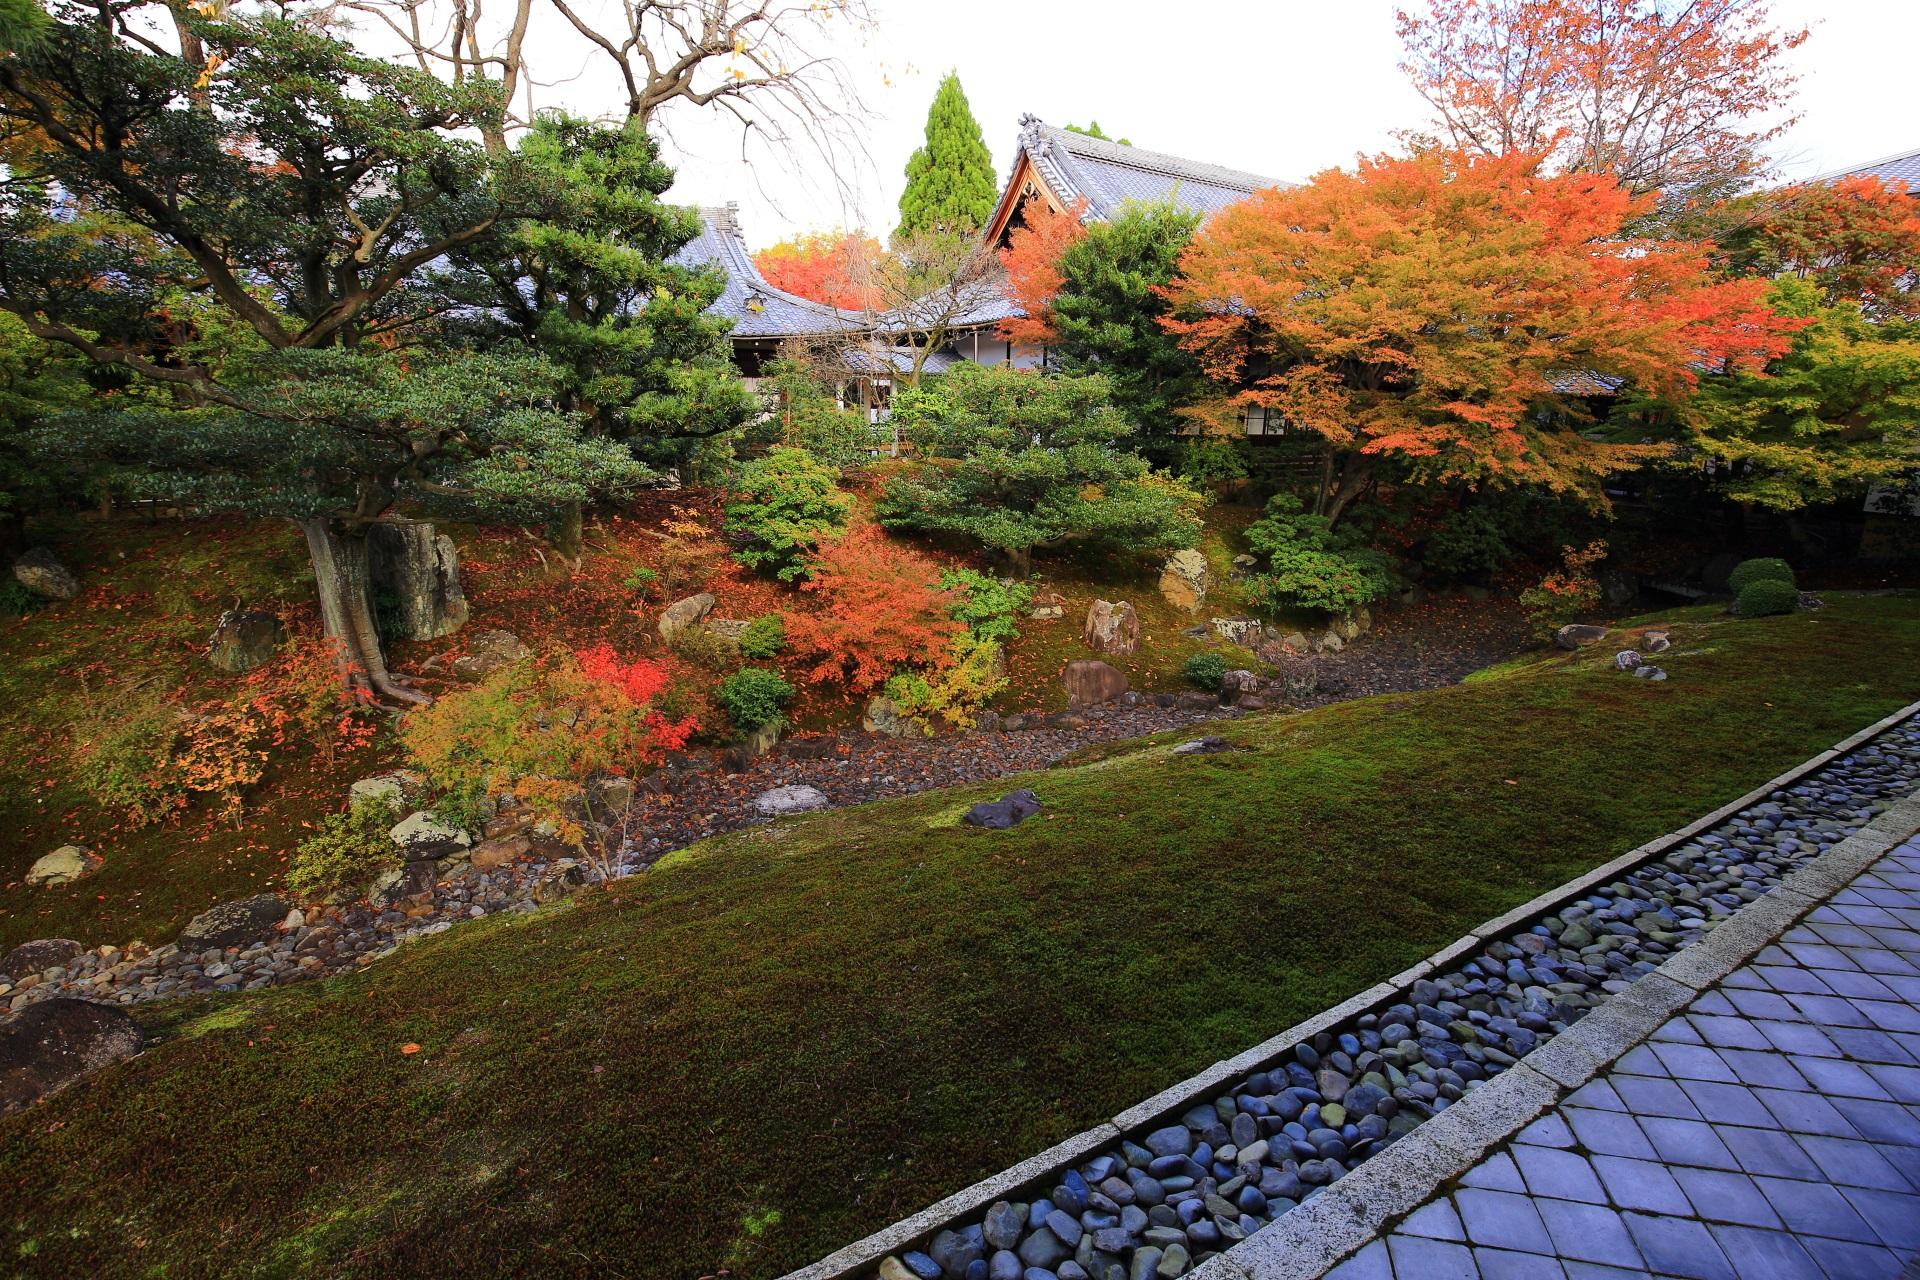 色づき中の裏方丈庭園の紅葉